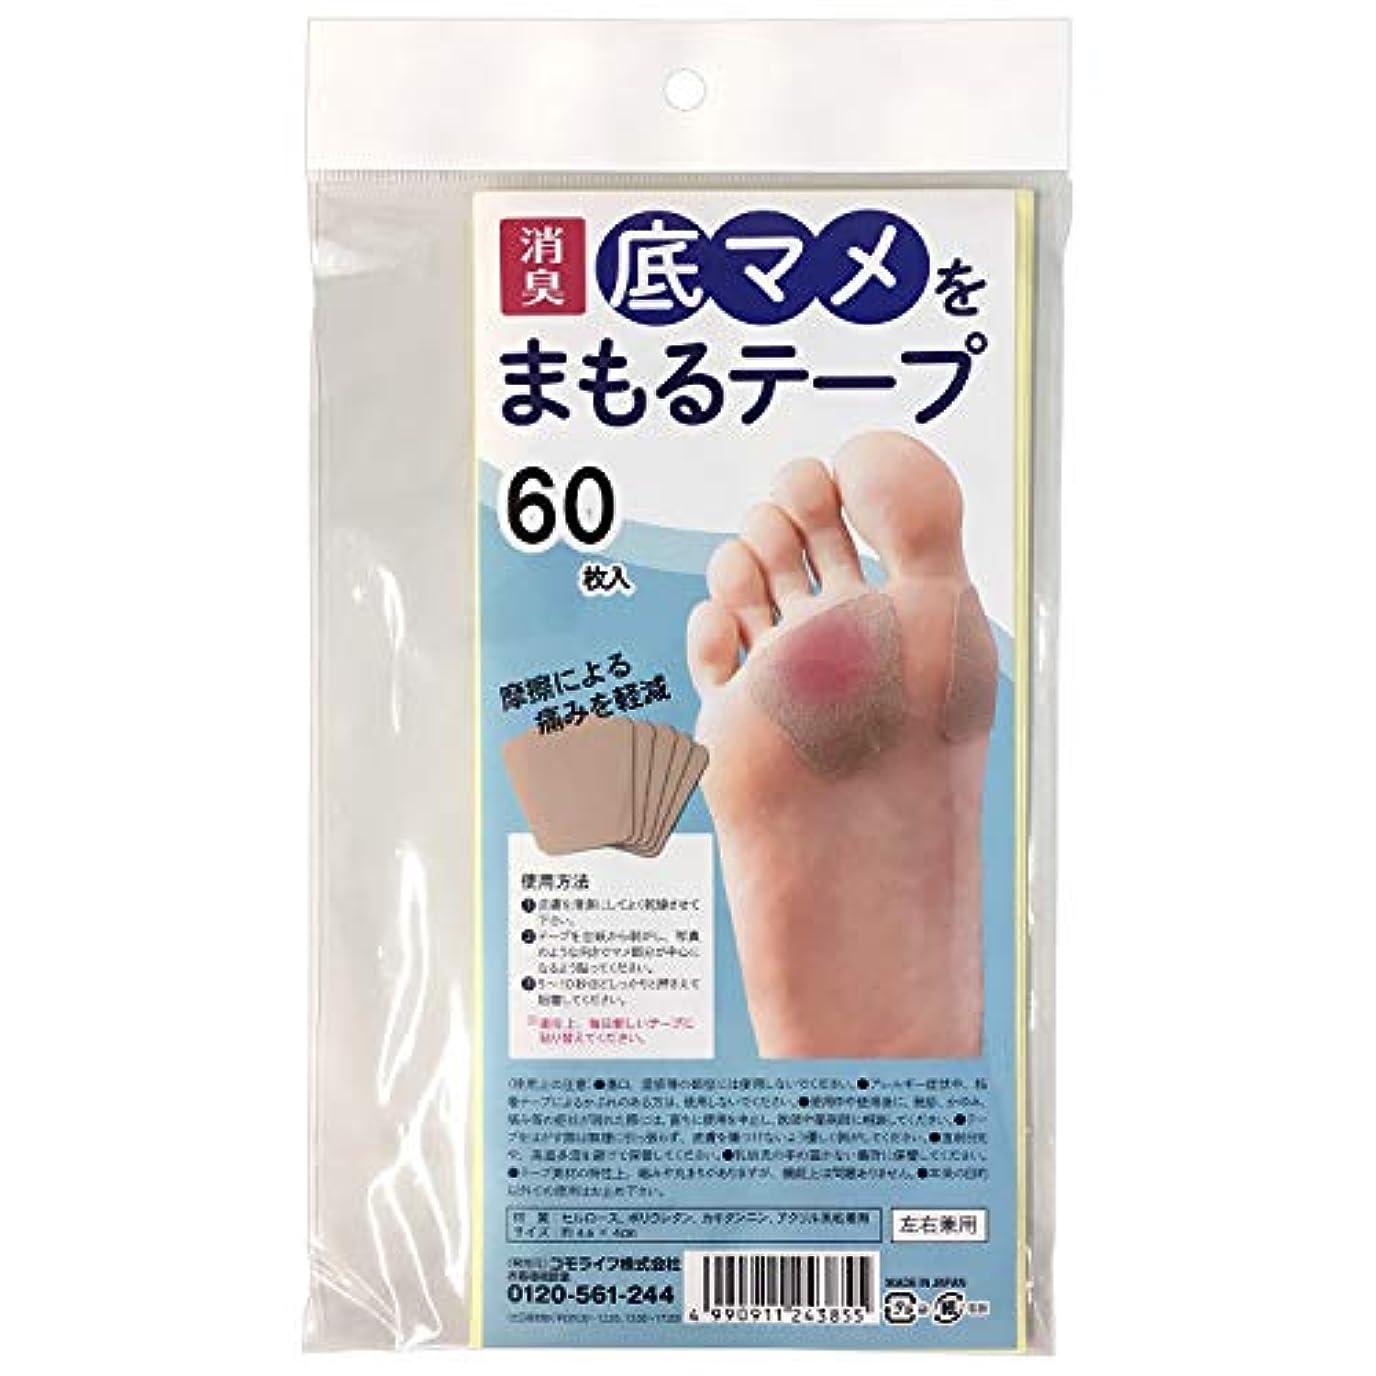 安価な強制的辞任する底マメをまもるテープ 60枚入 消臭 保護 足裏 痛み 軽減